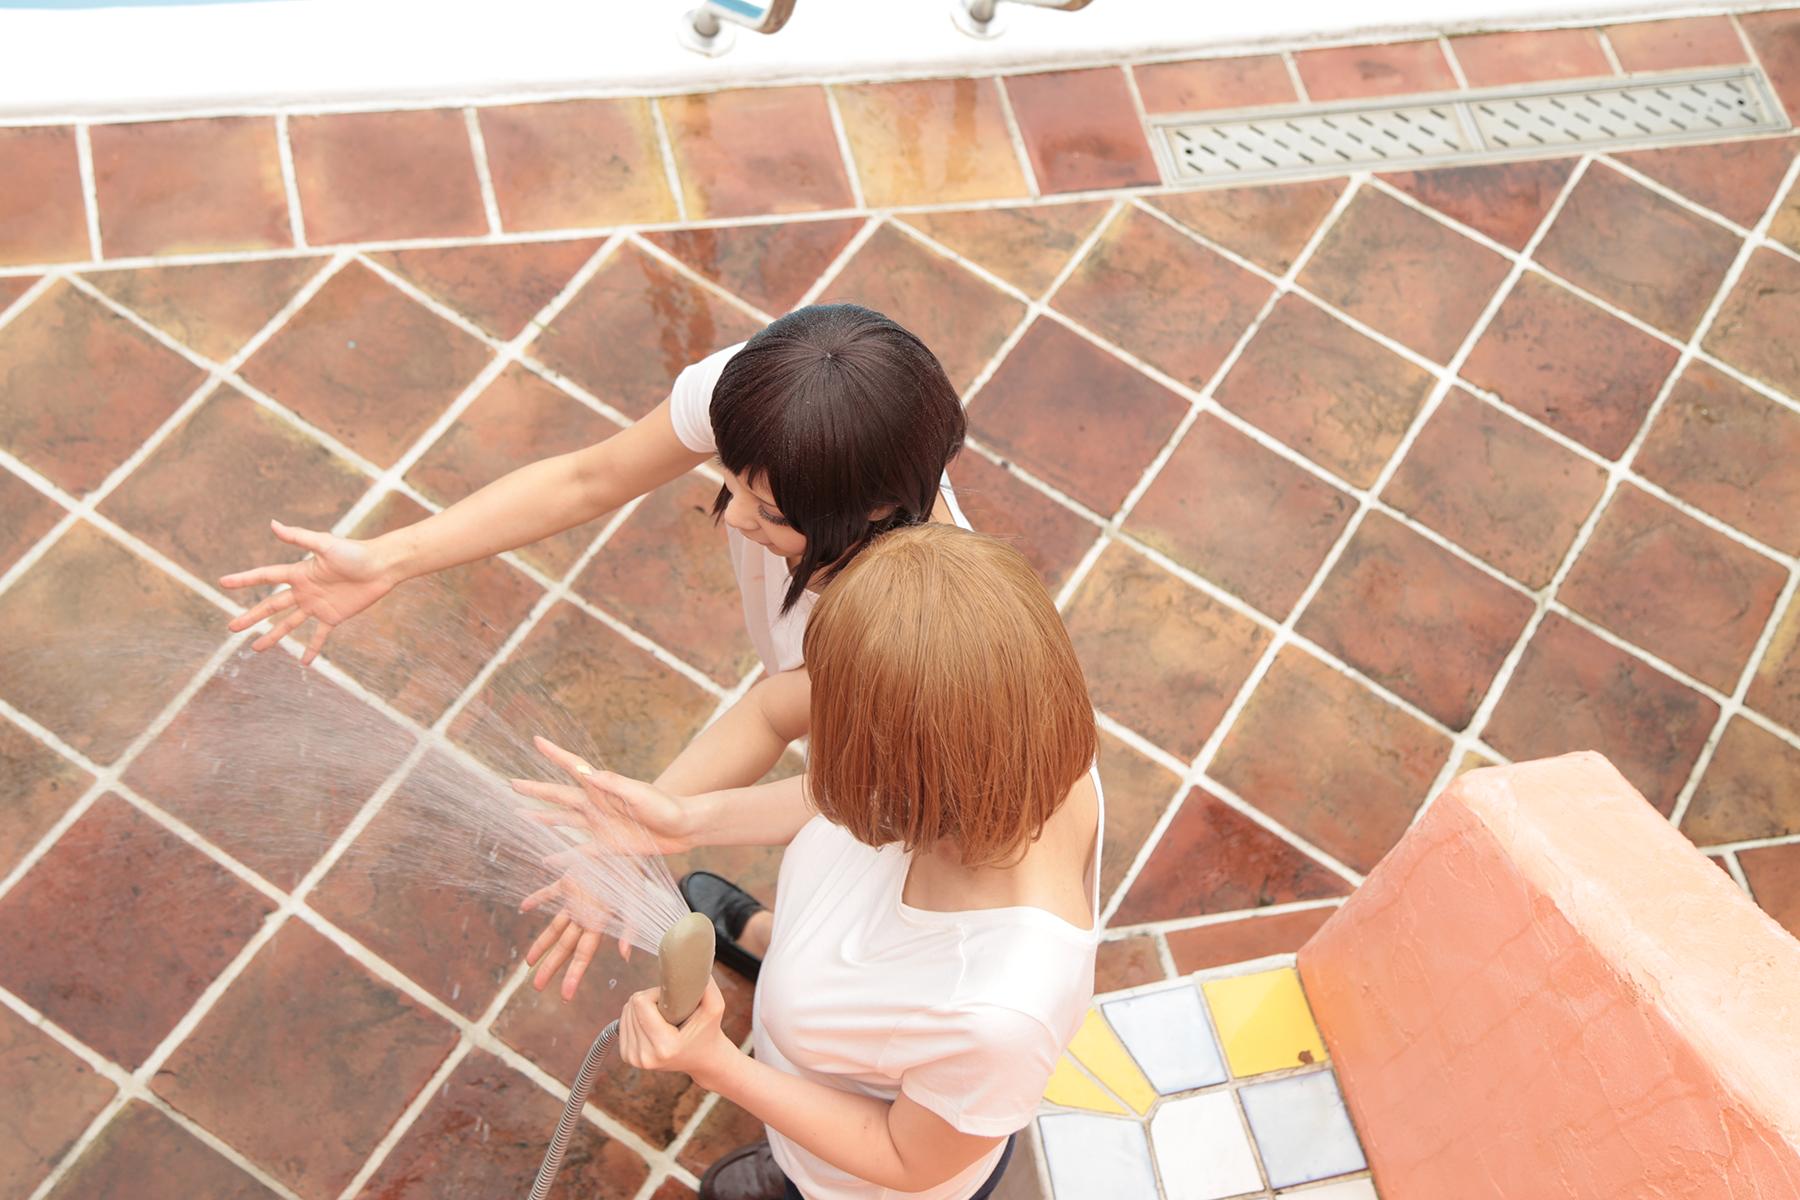 两女戏水,湿身短裤T恤